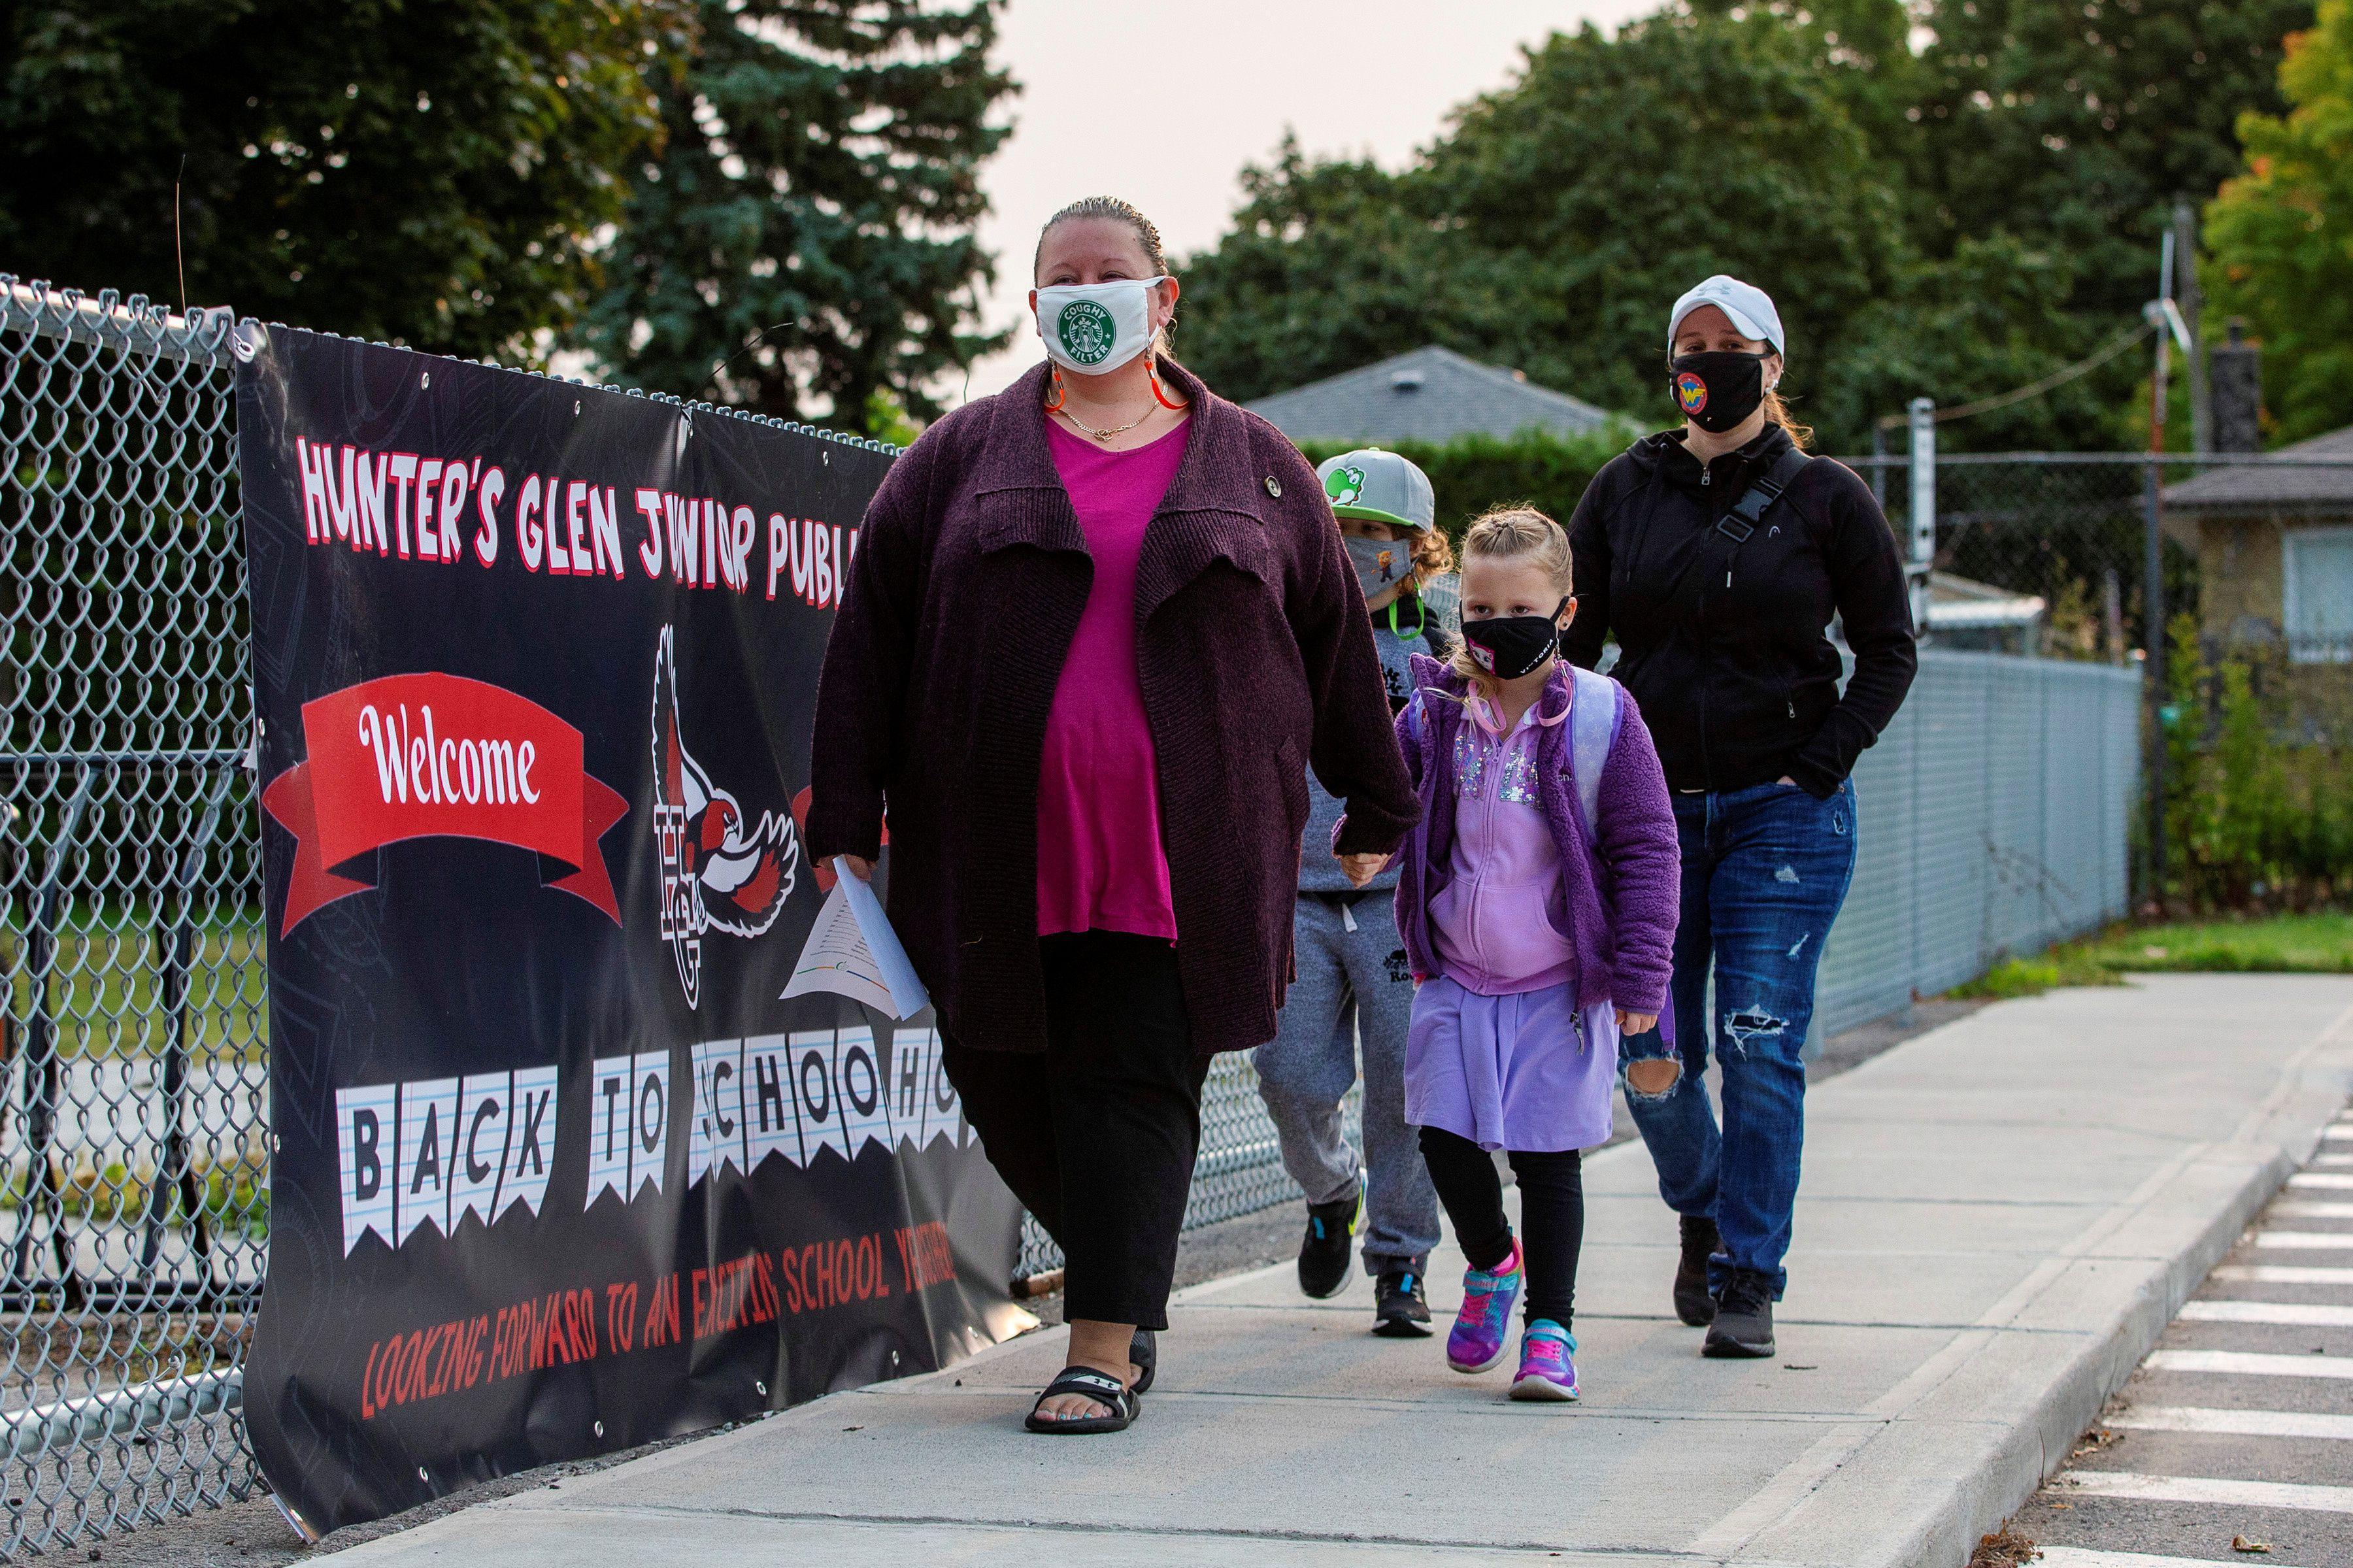 Los estudiantes llegan por primera vez desde el inicio de la pandemia de COVID-19 a la escuela pública Hunter's Glen Junior, que forma parte de la Junta Escolar del Distrito de Toronto. REUTERS/Carlos Osorio